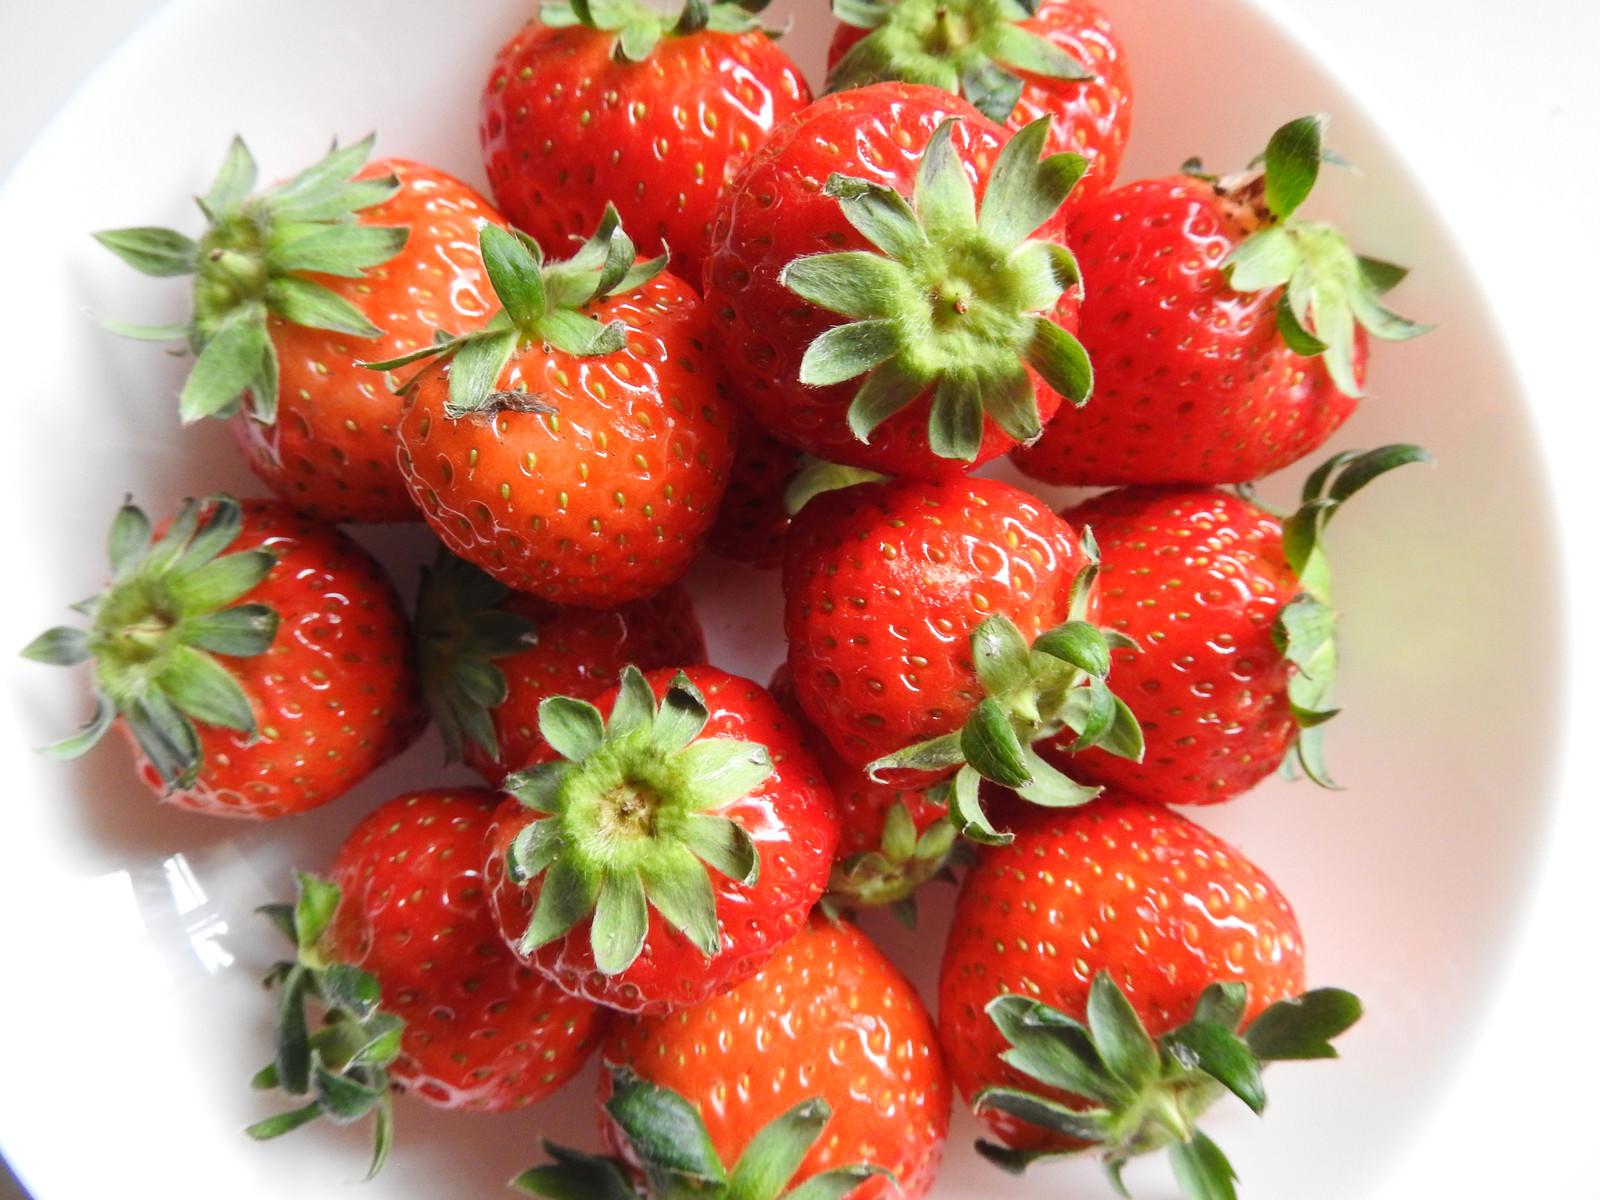 「皿に盛られたへた付きの苺」の写真